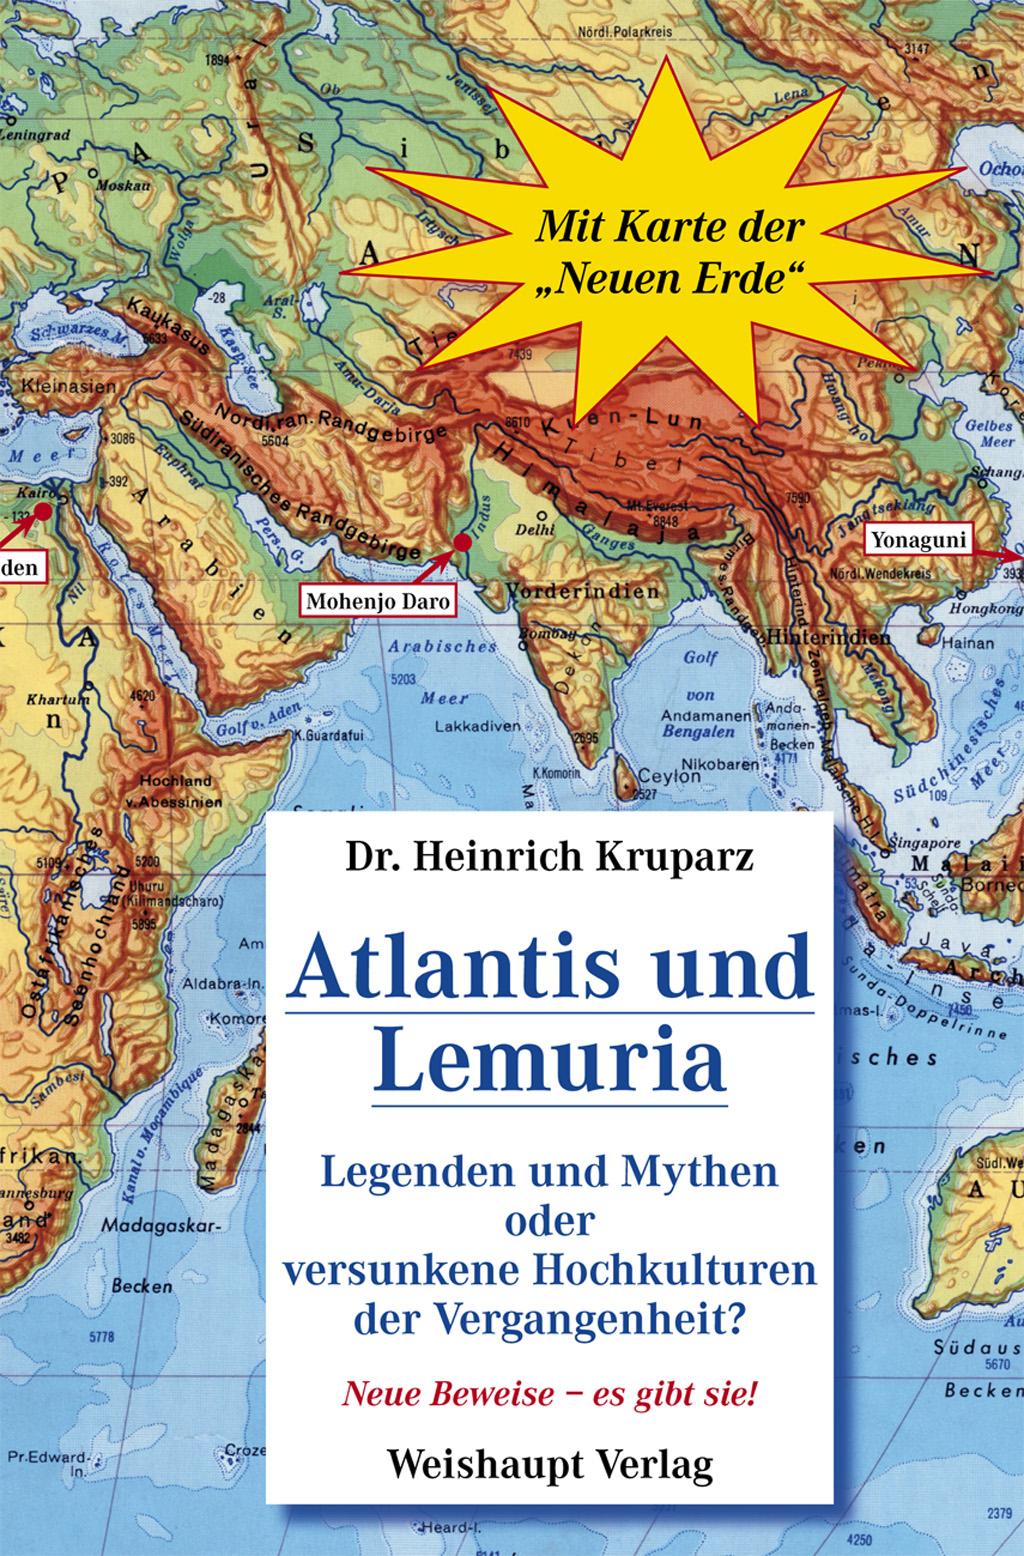 Atlantis Lemuria: Legenden und Mythen oder versunkene Hochkulturen der Vergangenheit? - Heinrich Kruparz